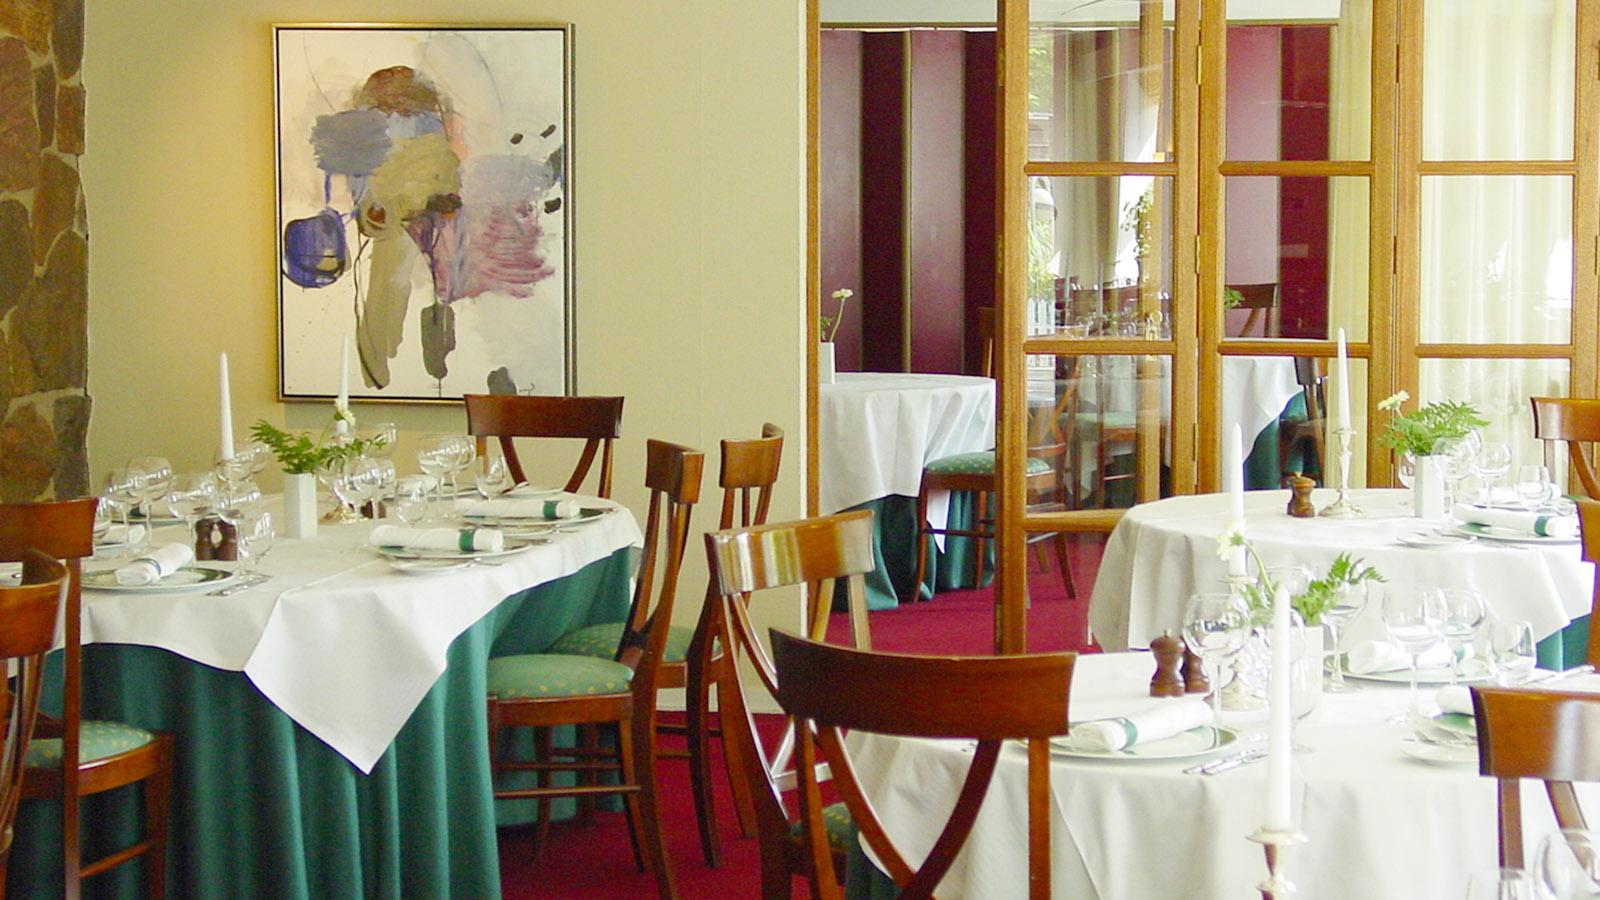 Christie's Srd. Hostrup Kro: das Restaurant. Foto: Hilke Maunder